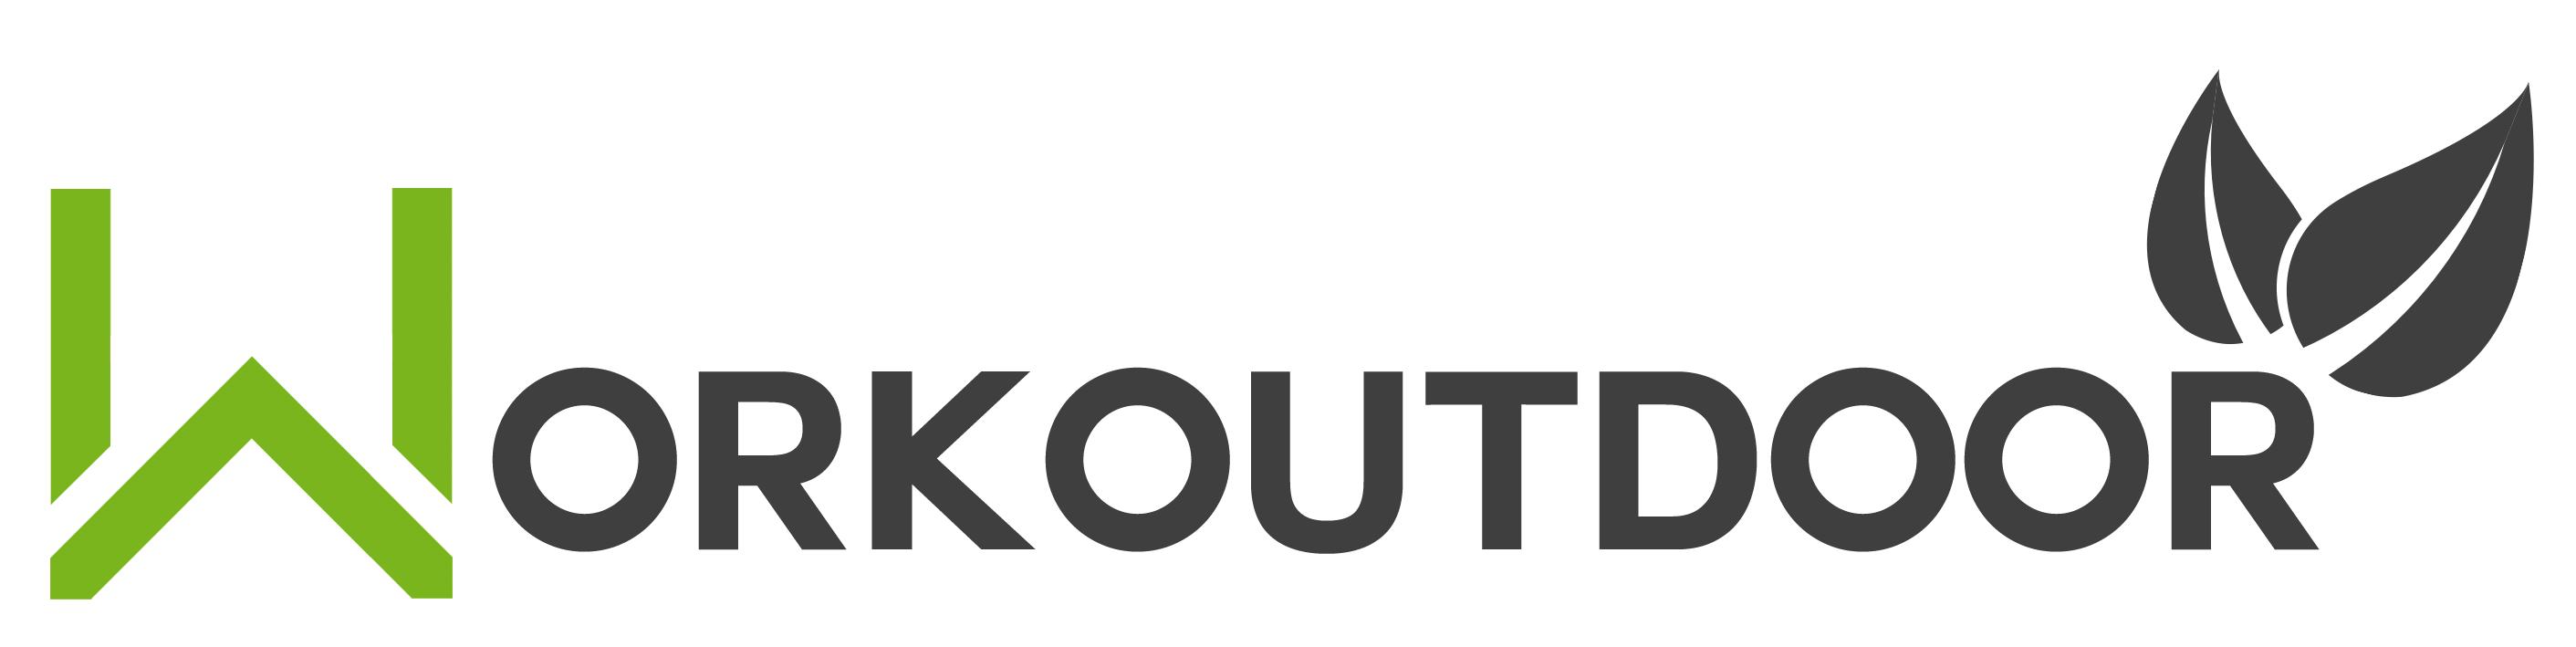 Workoutdoor